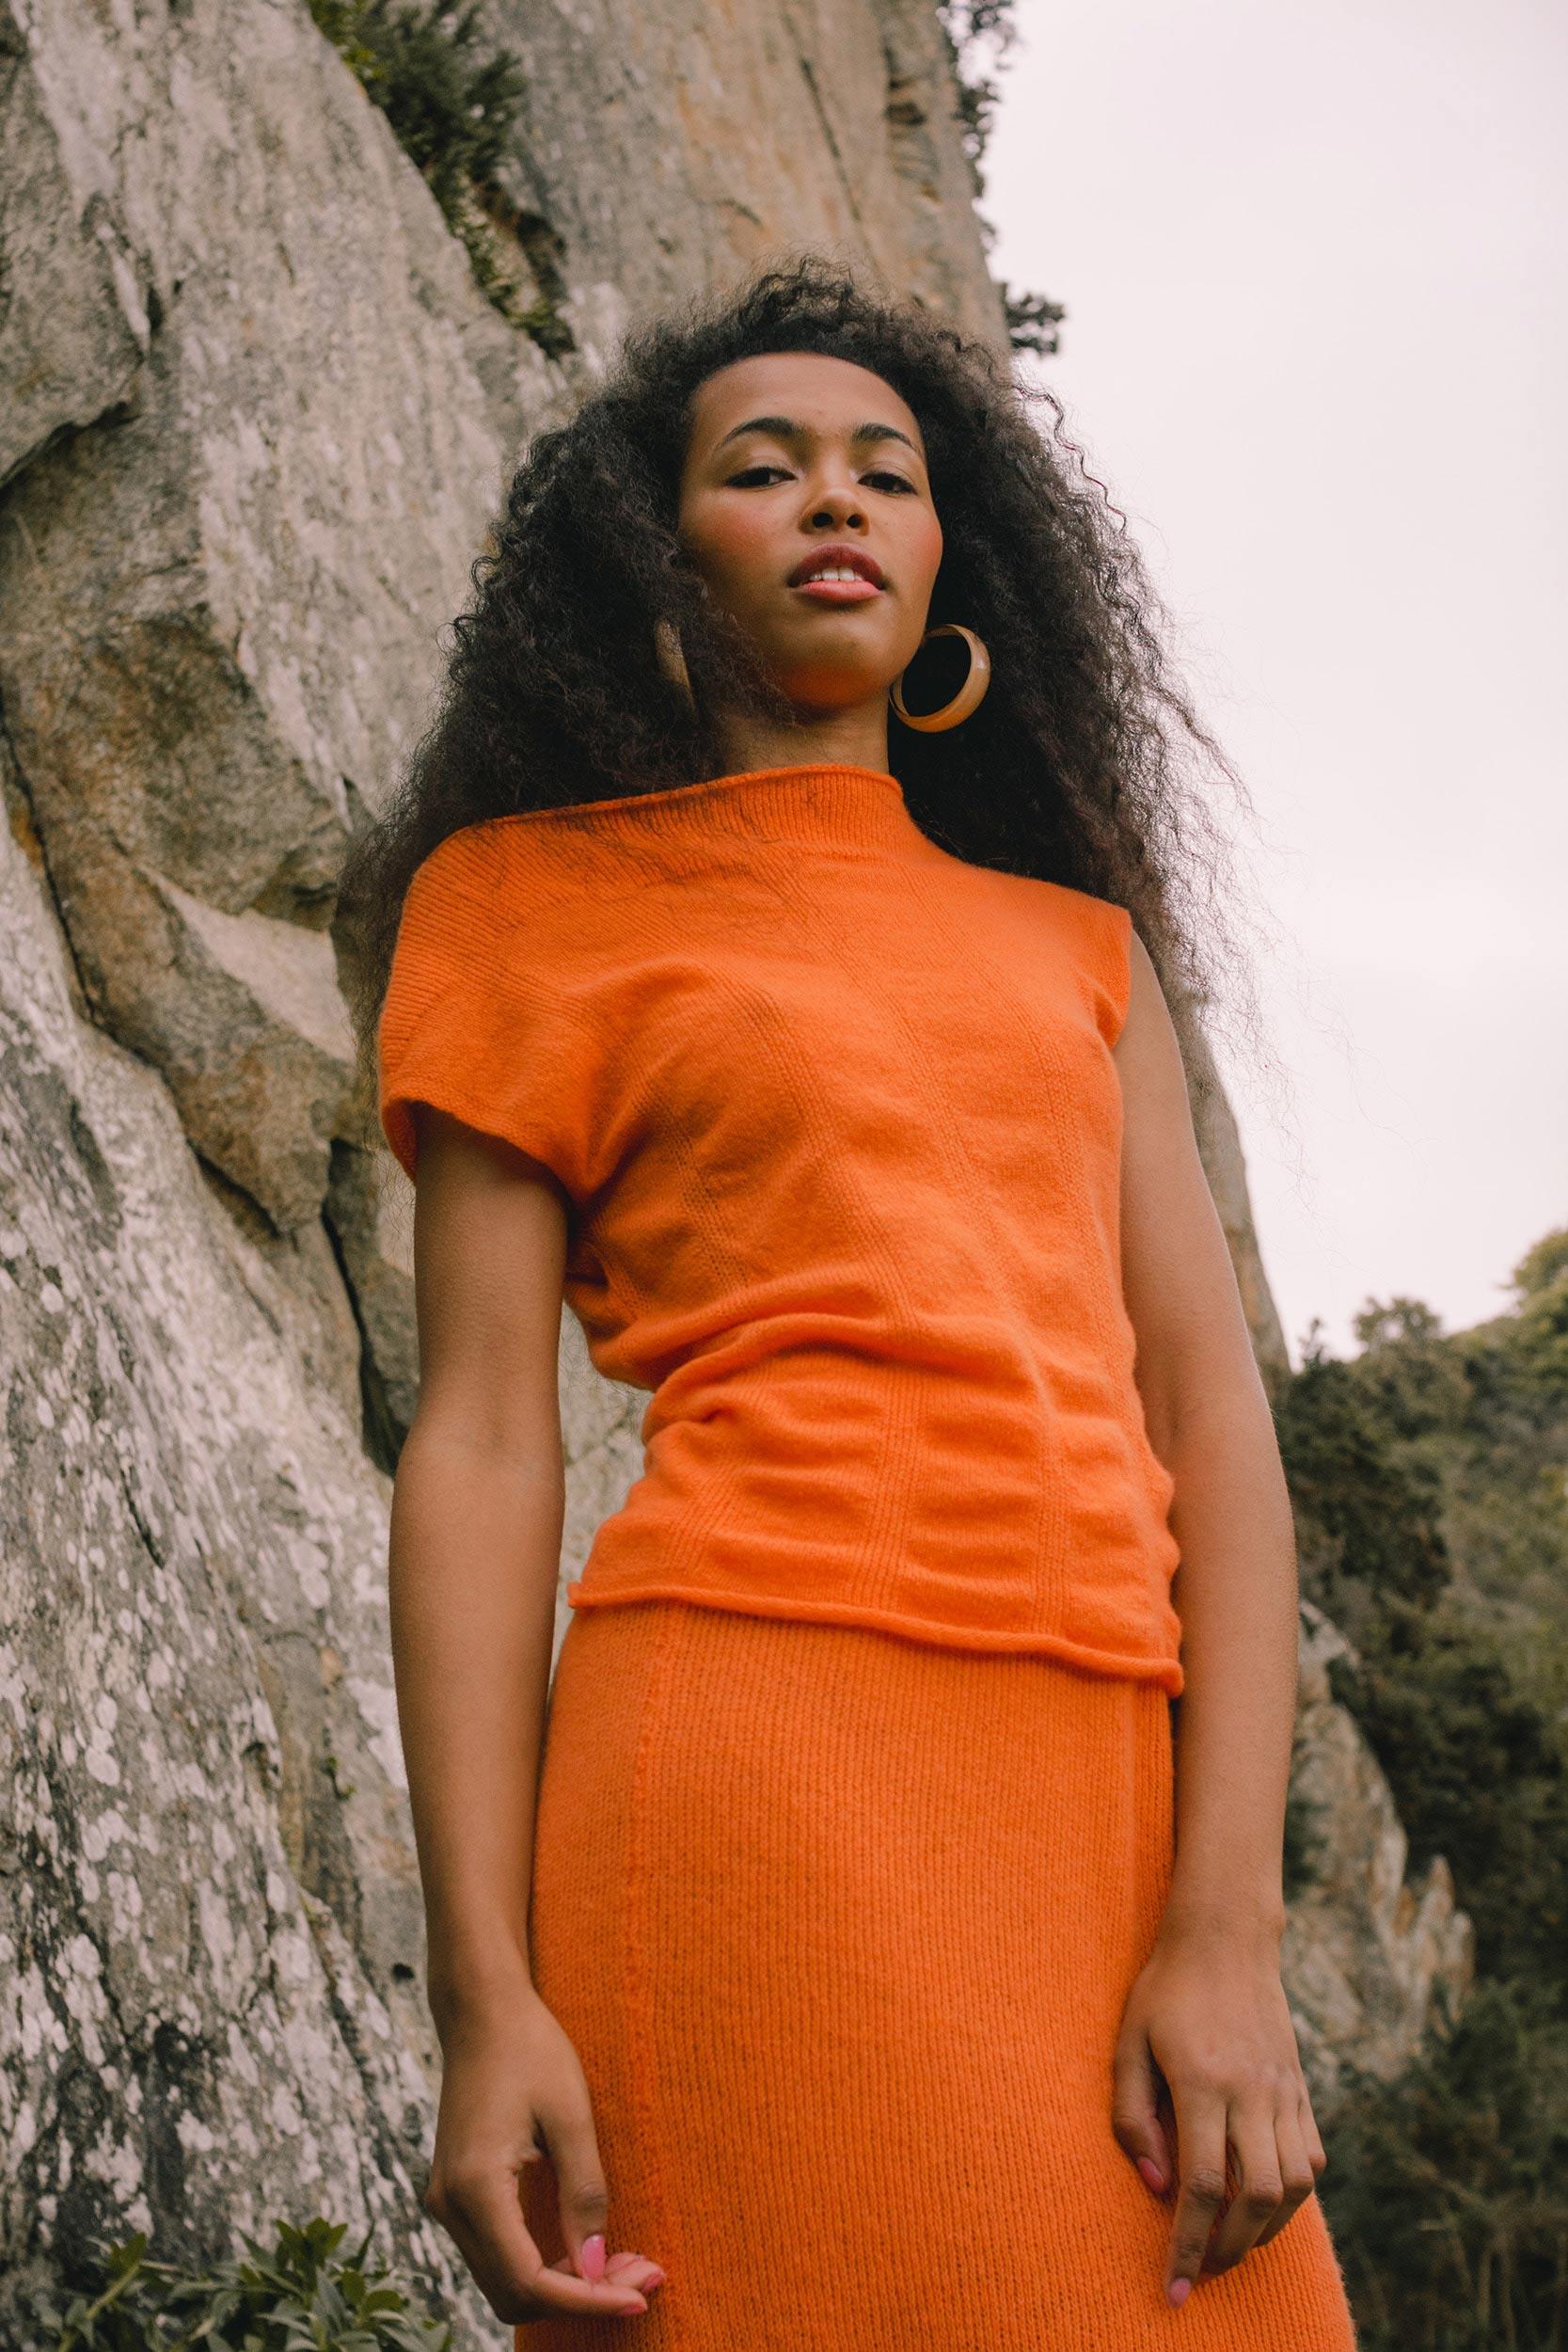 orangefulllook3.jpg